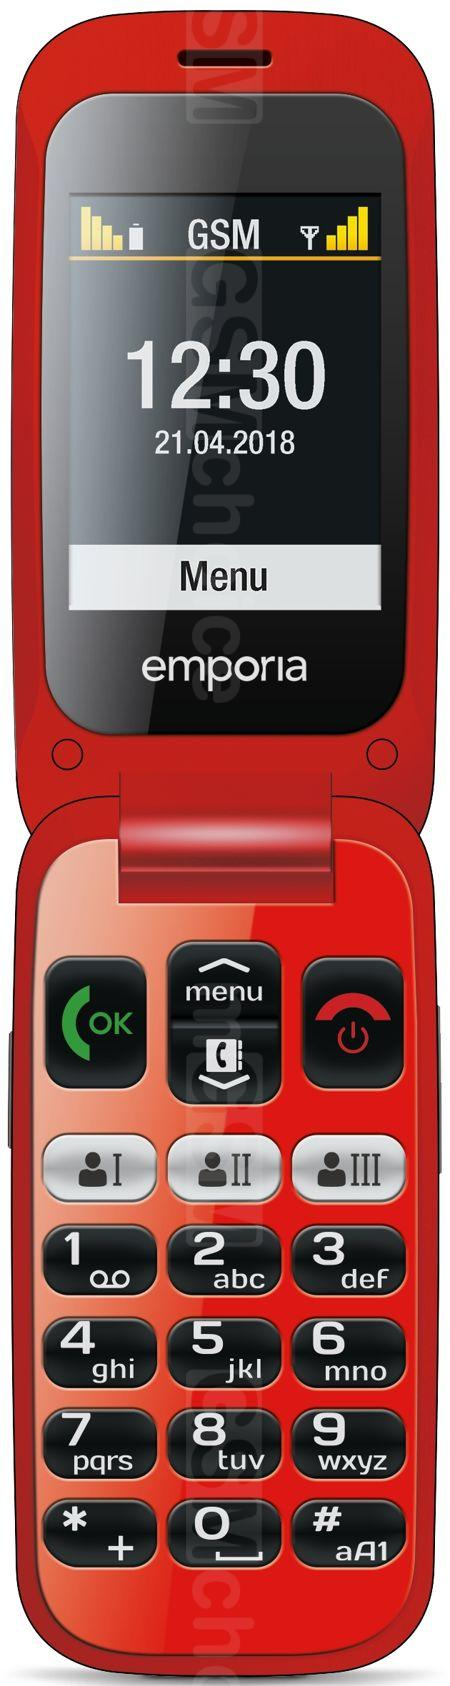 Emporia One